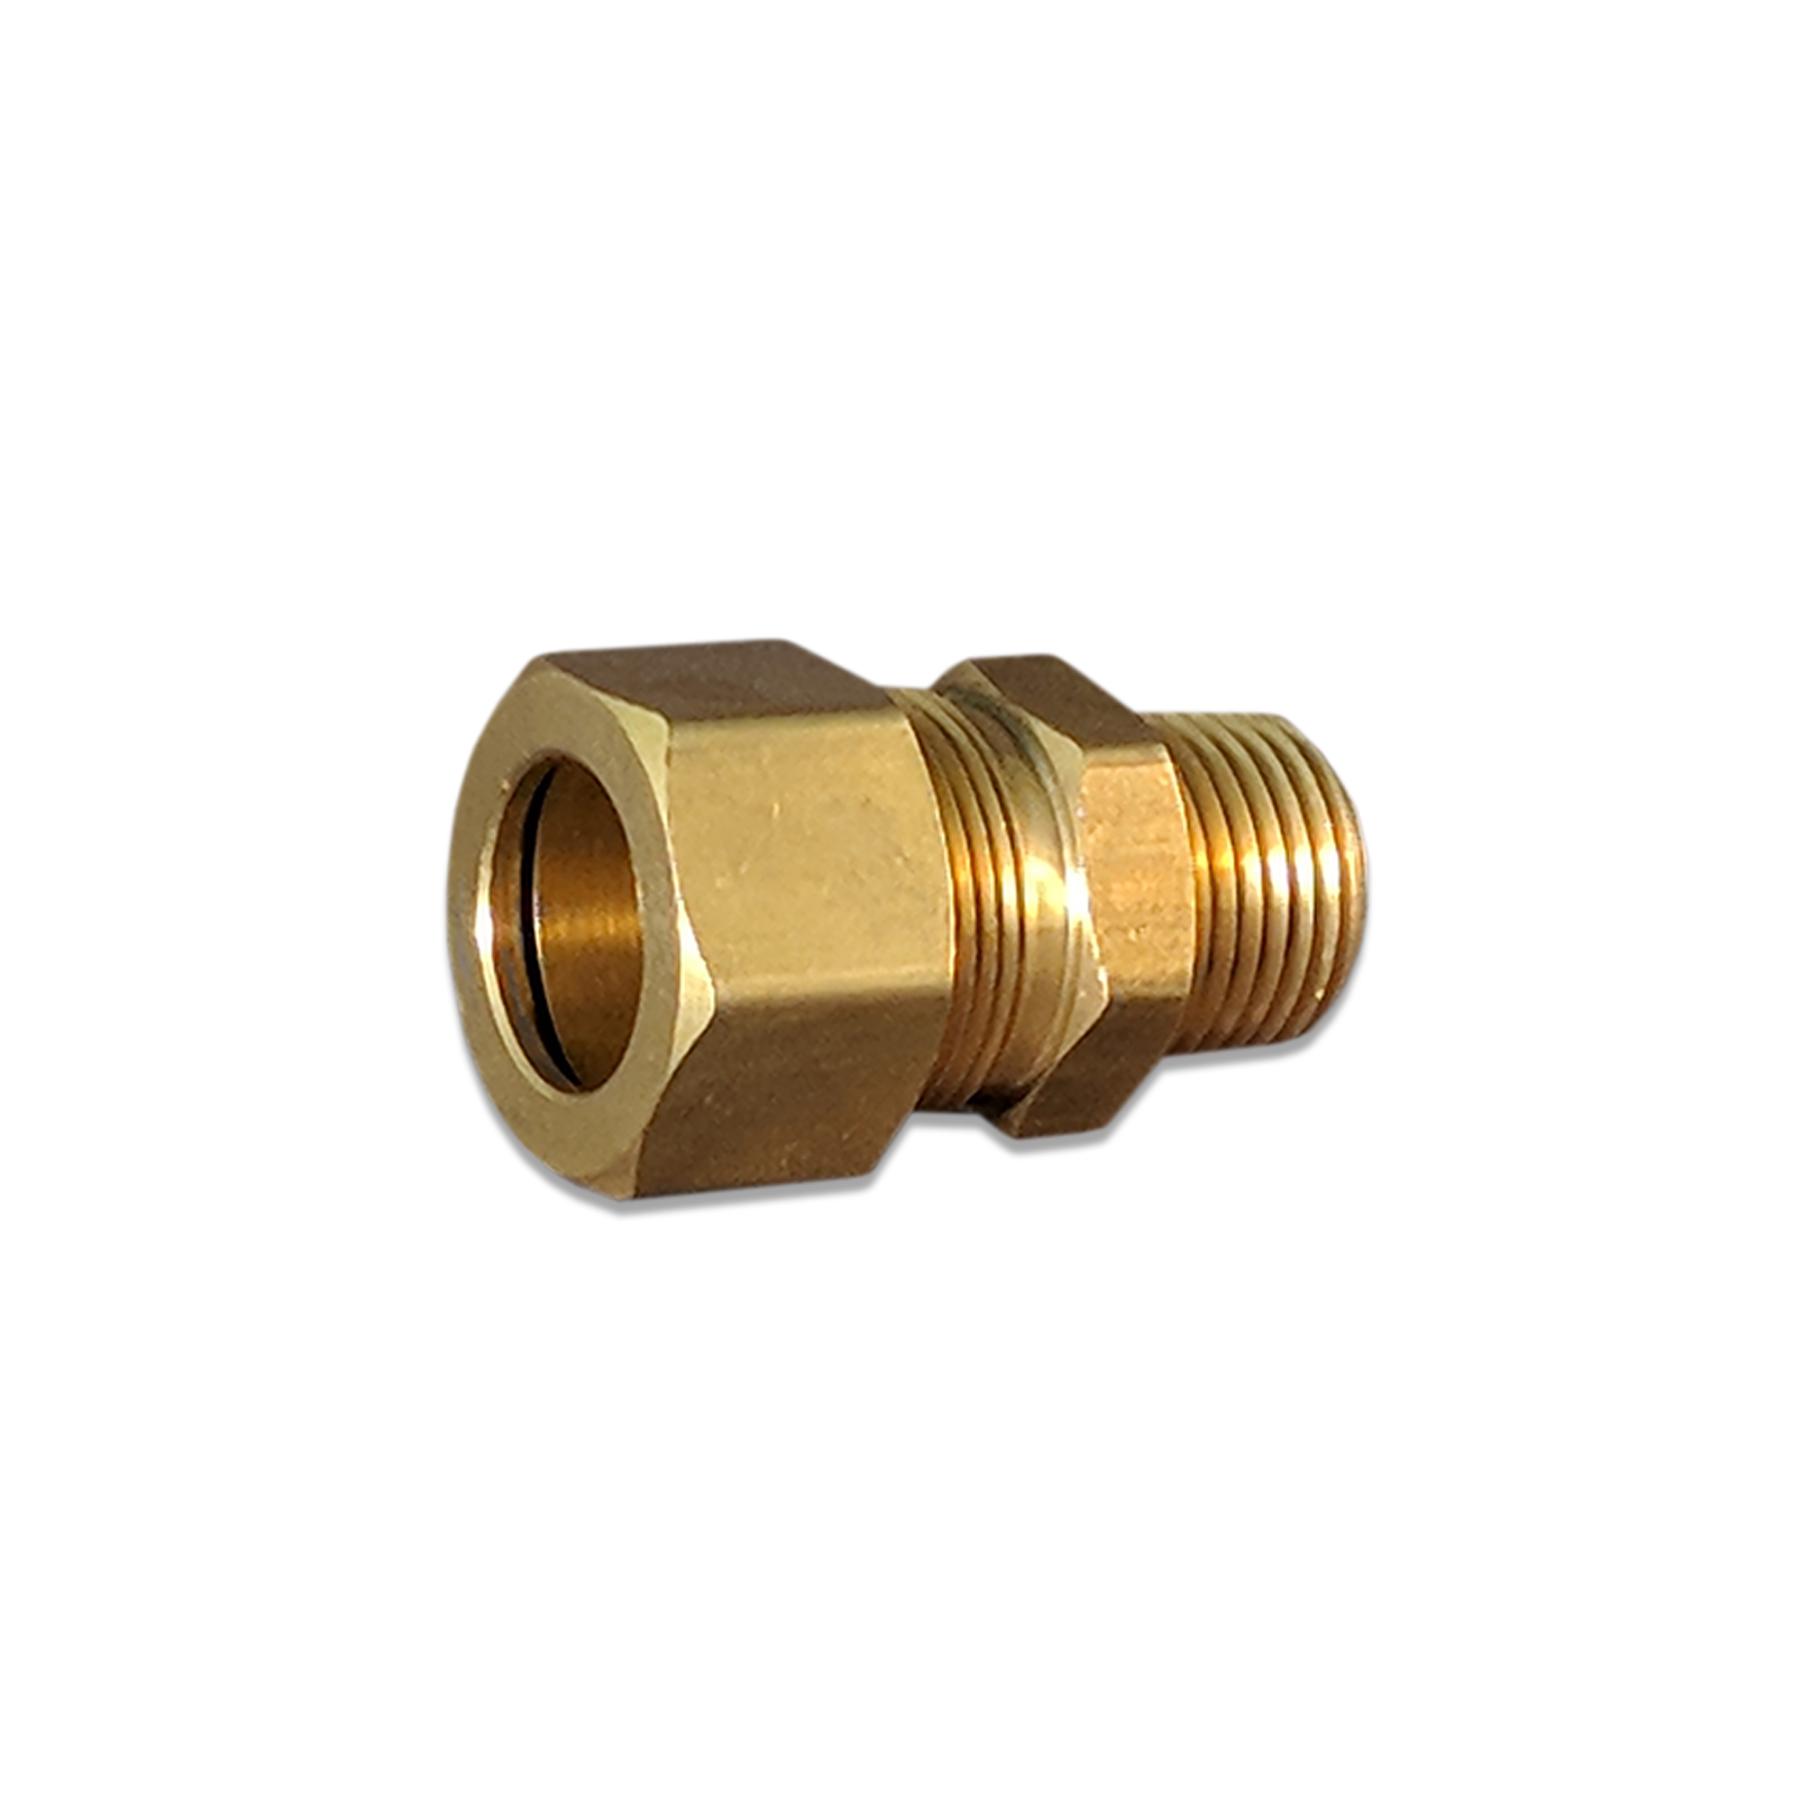 Brass Compression Fitting Kit 5/8 PEX x 1/2 in. (M) NPT